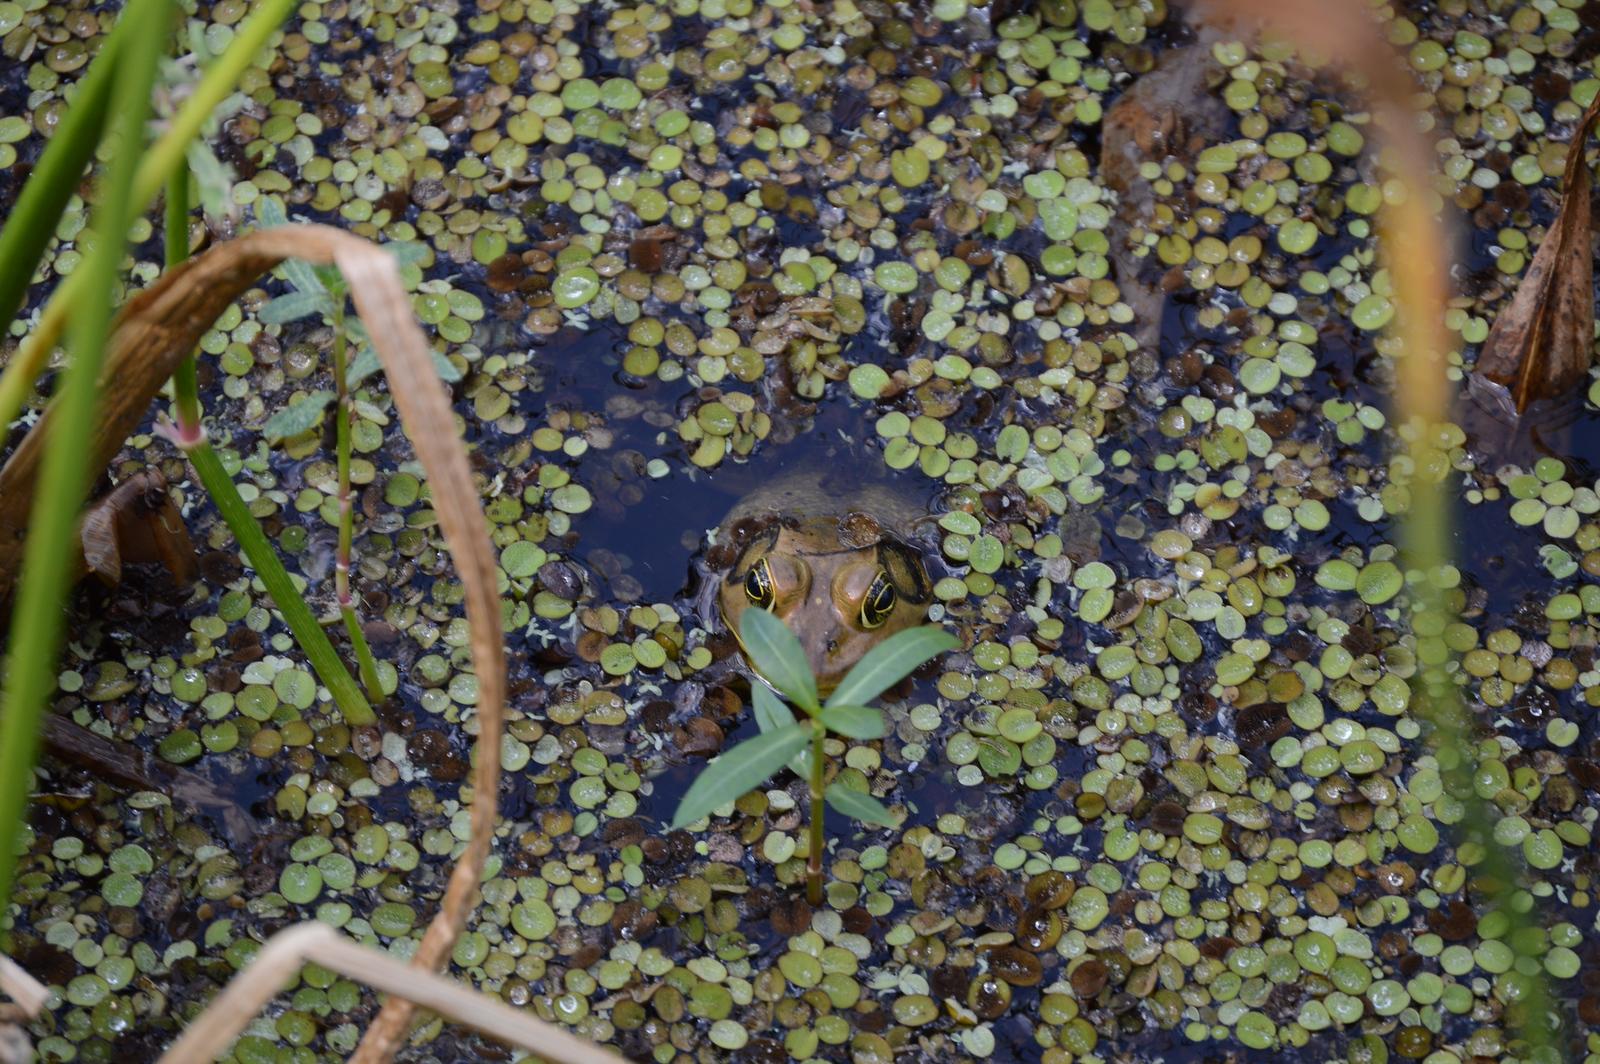 Pig Frog in Duckweed